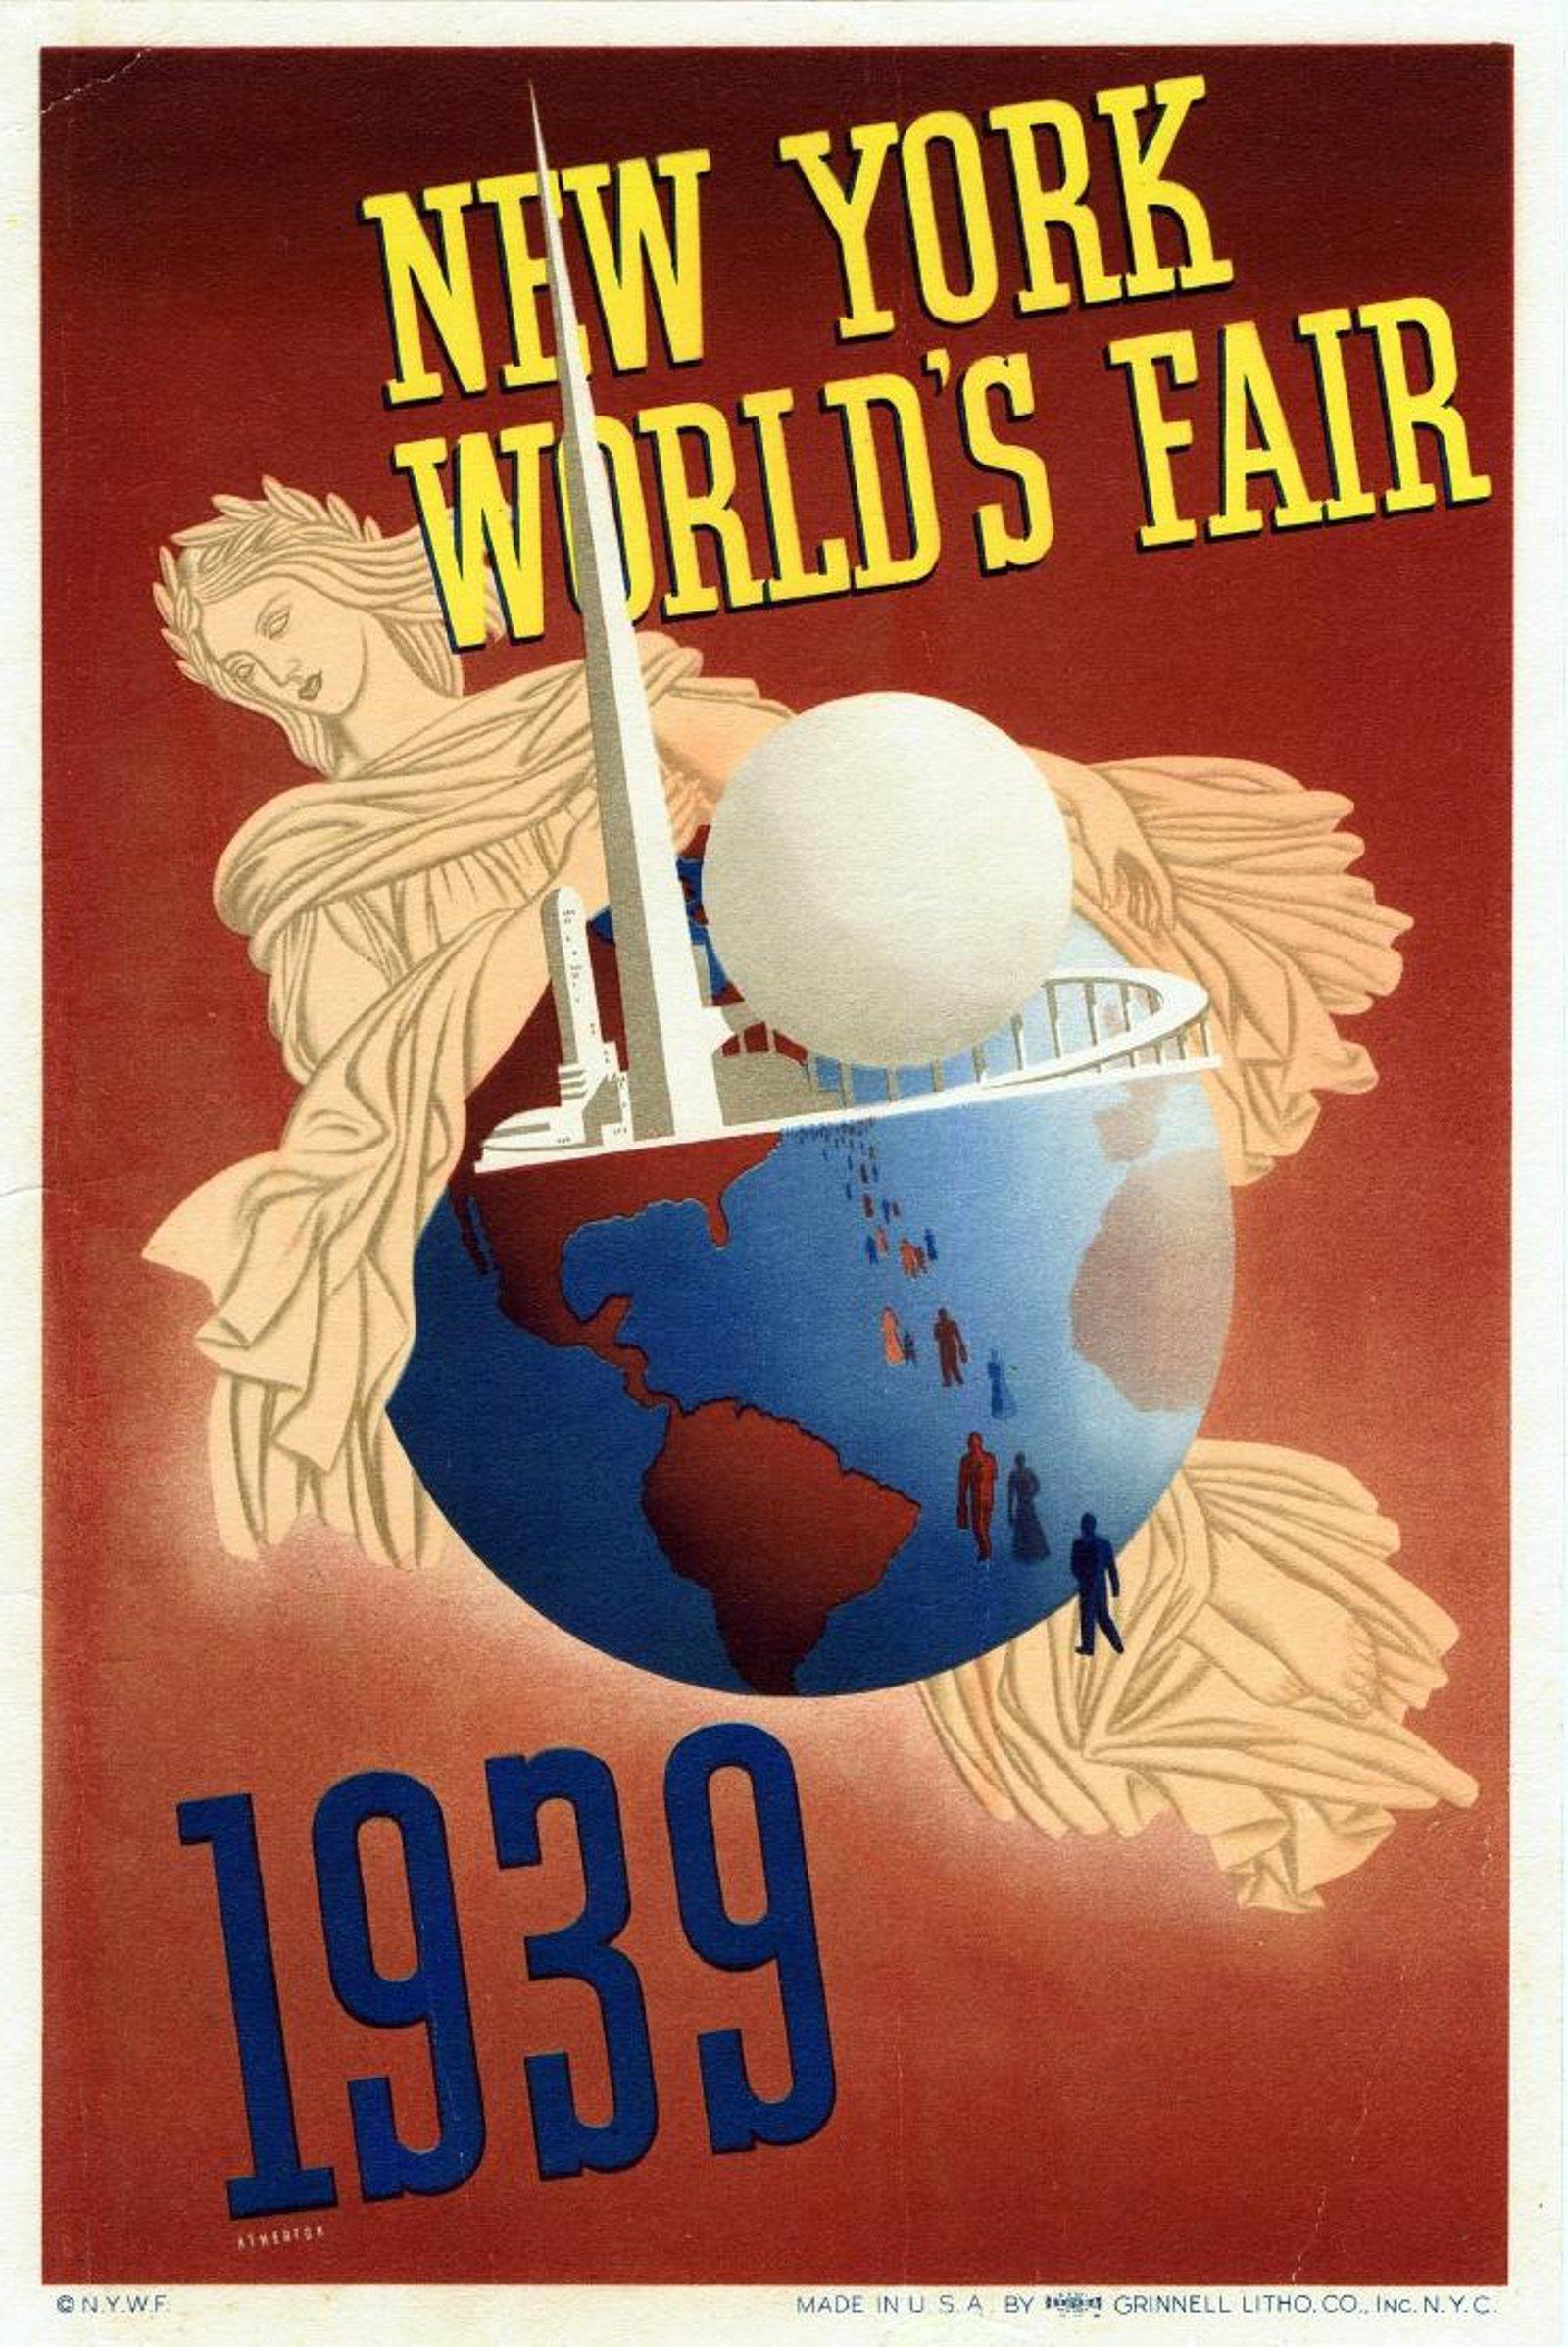 New York World Fair